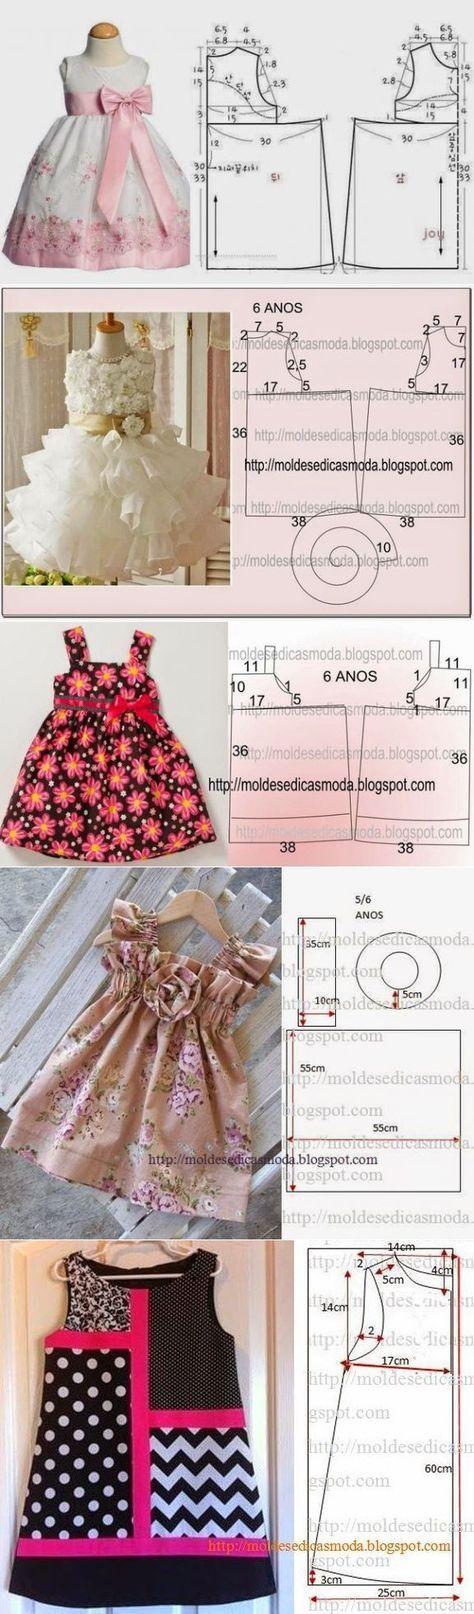 Нарядные платья для девочек :))) Could I get a translation?